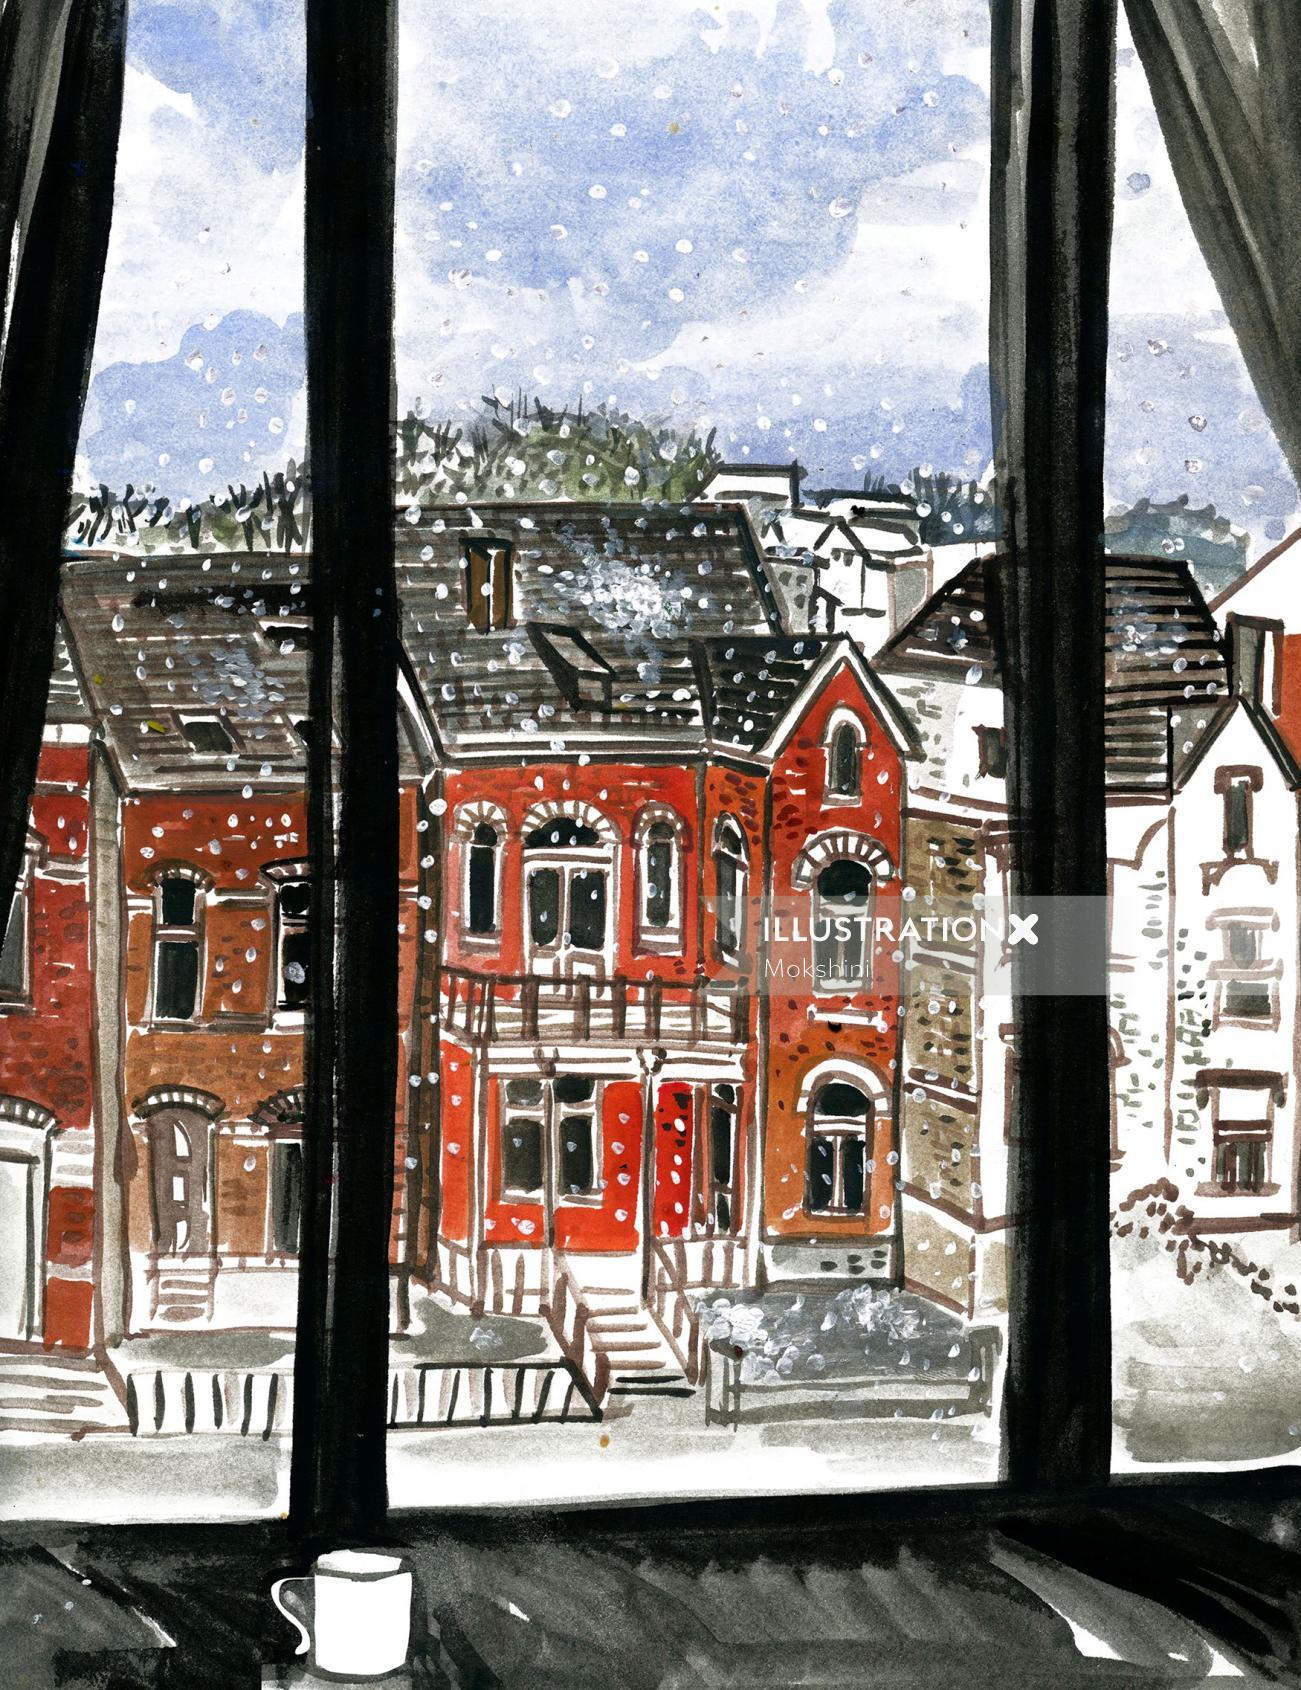 Sketch art of window view in Belgium